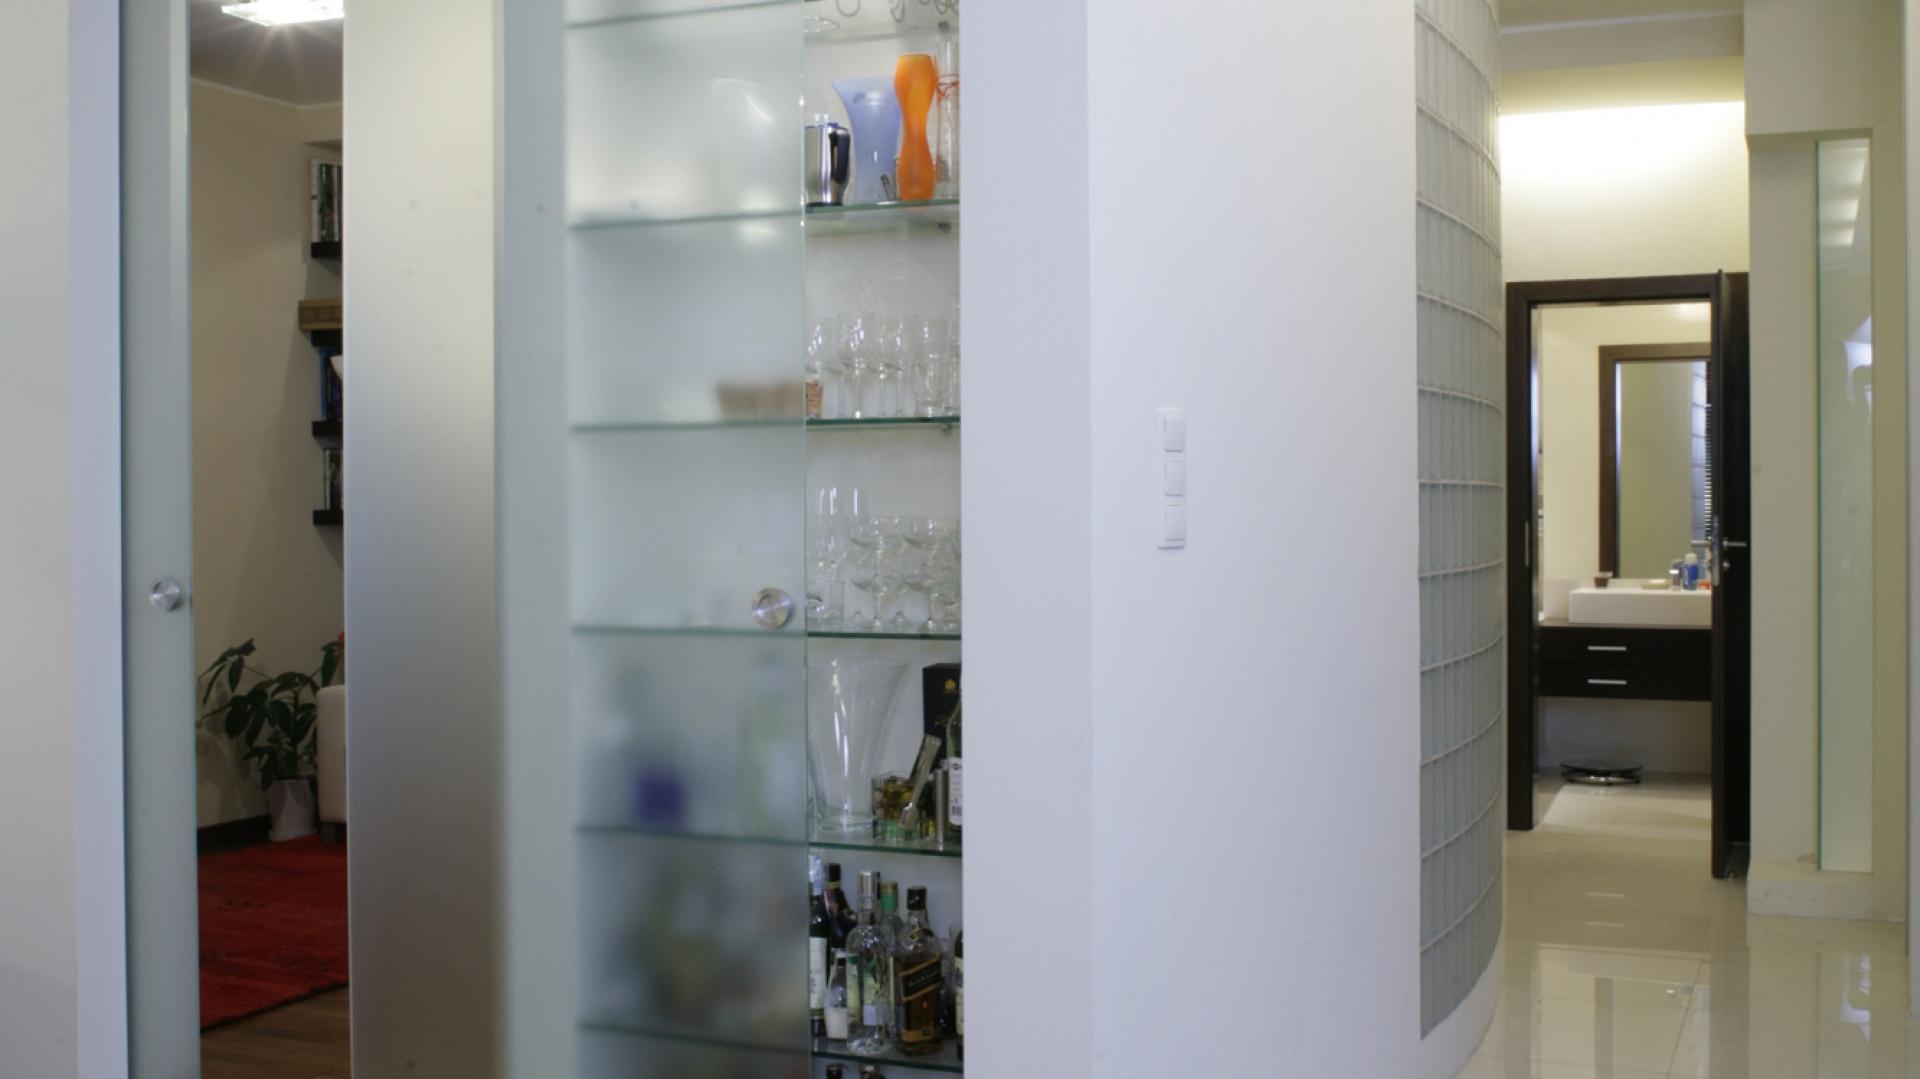 Dekoracyjna ścianka z luksferami została poprowadzona po łuku. Za szklanym okienkiem znajduje się garderoba gospodyni. Od strony salonu ścianka przechodzi w konstrukcję, w której zamontowano dwie tafle suwanych drzwi. Fot. Monika Filipiuk.